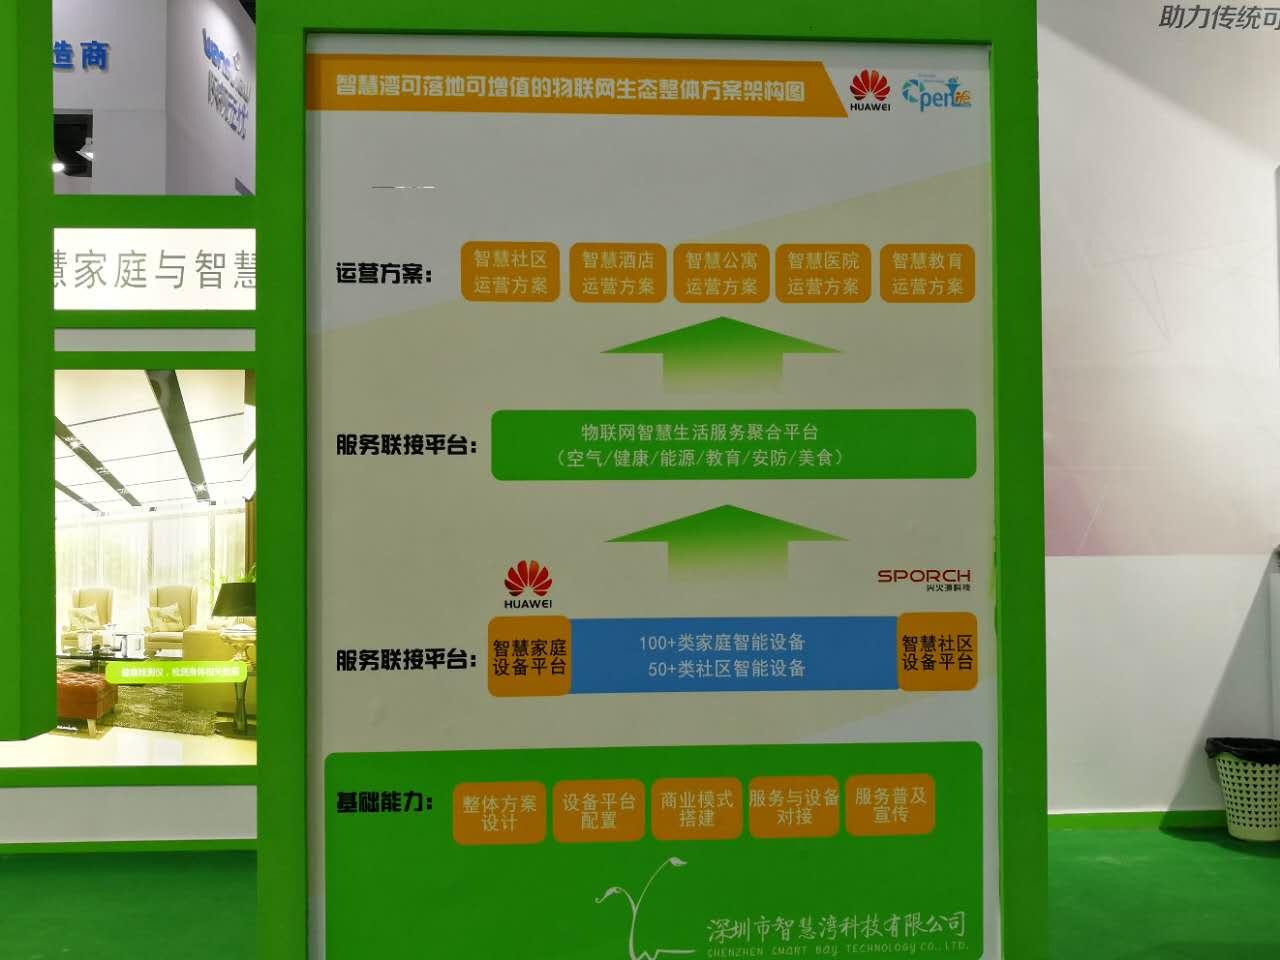 华为与深圳湾科技推出的智慧家庭解决方案